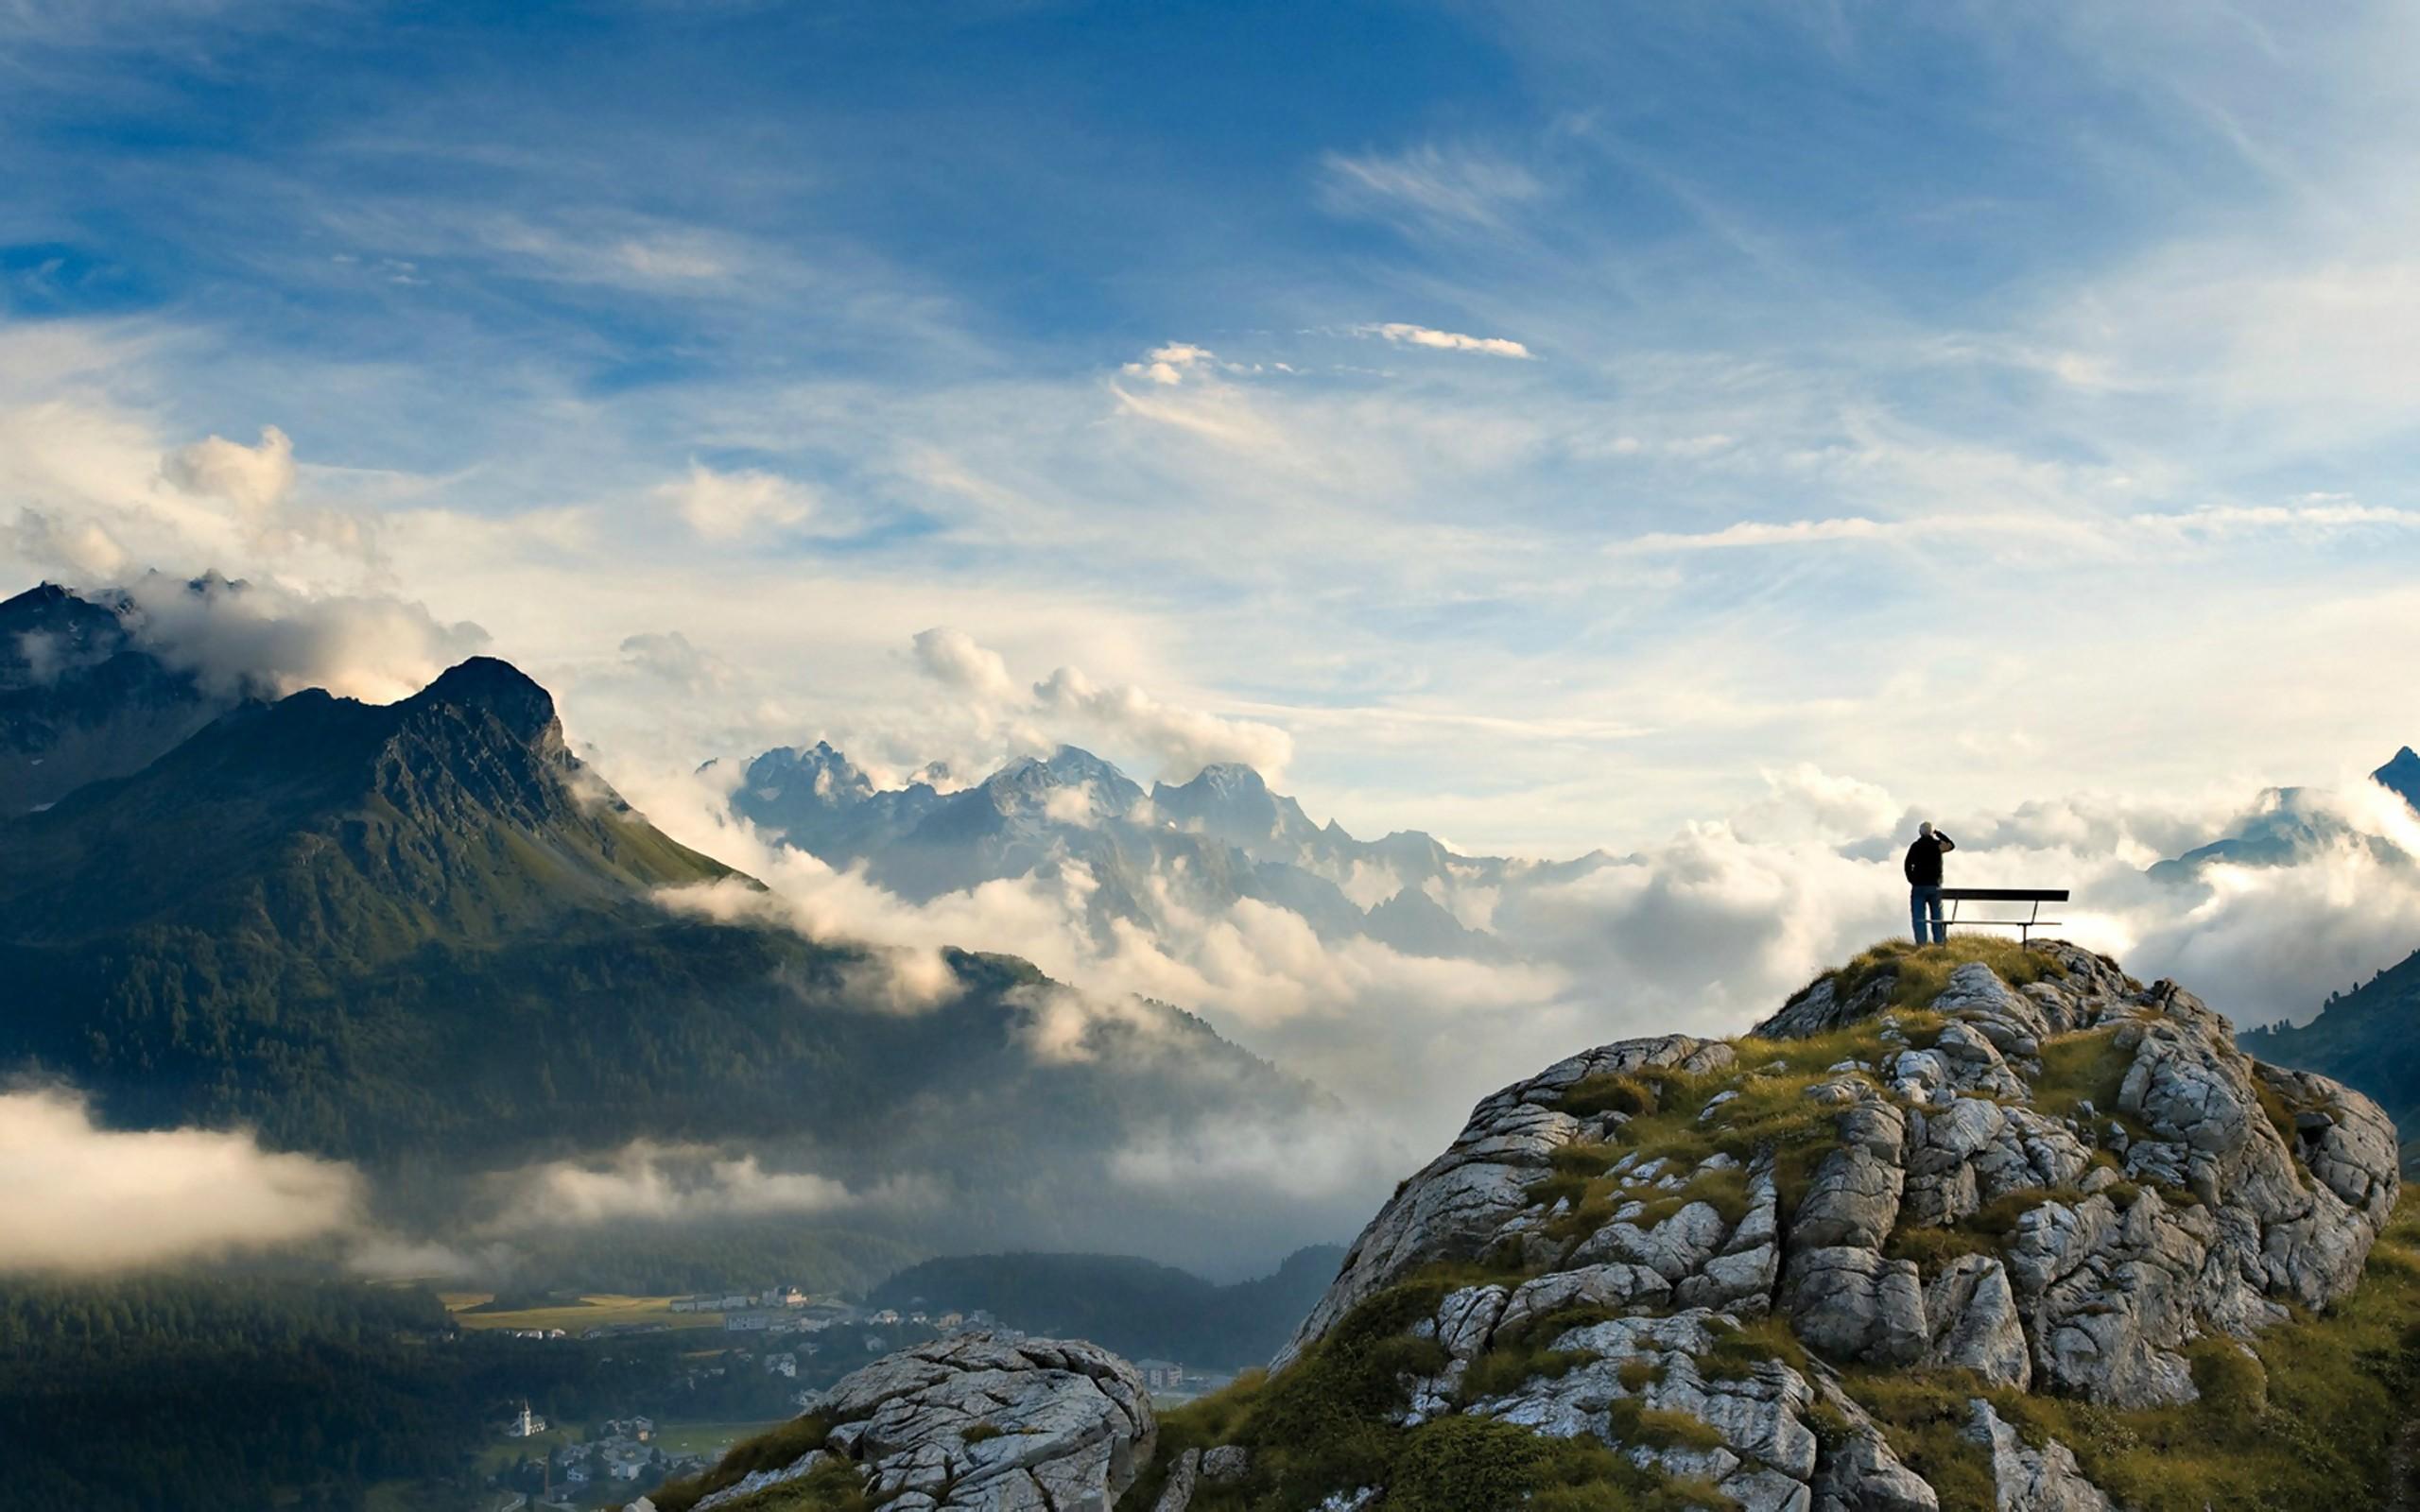 горы скалы небо облака высота природа  № 3352092 бесплатно